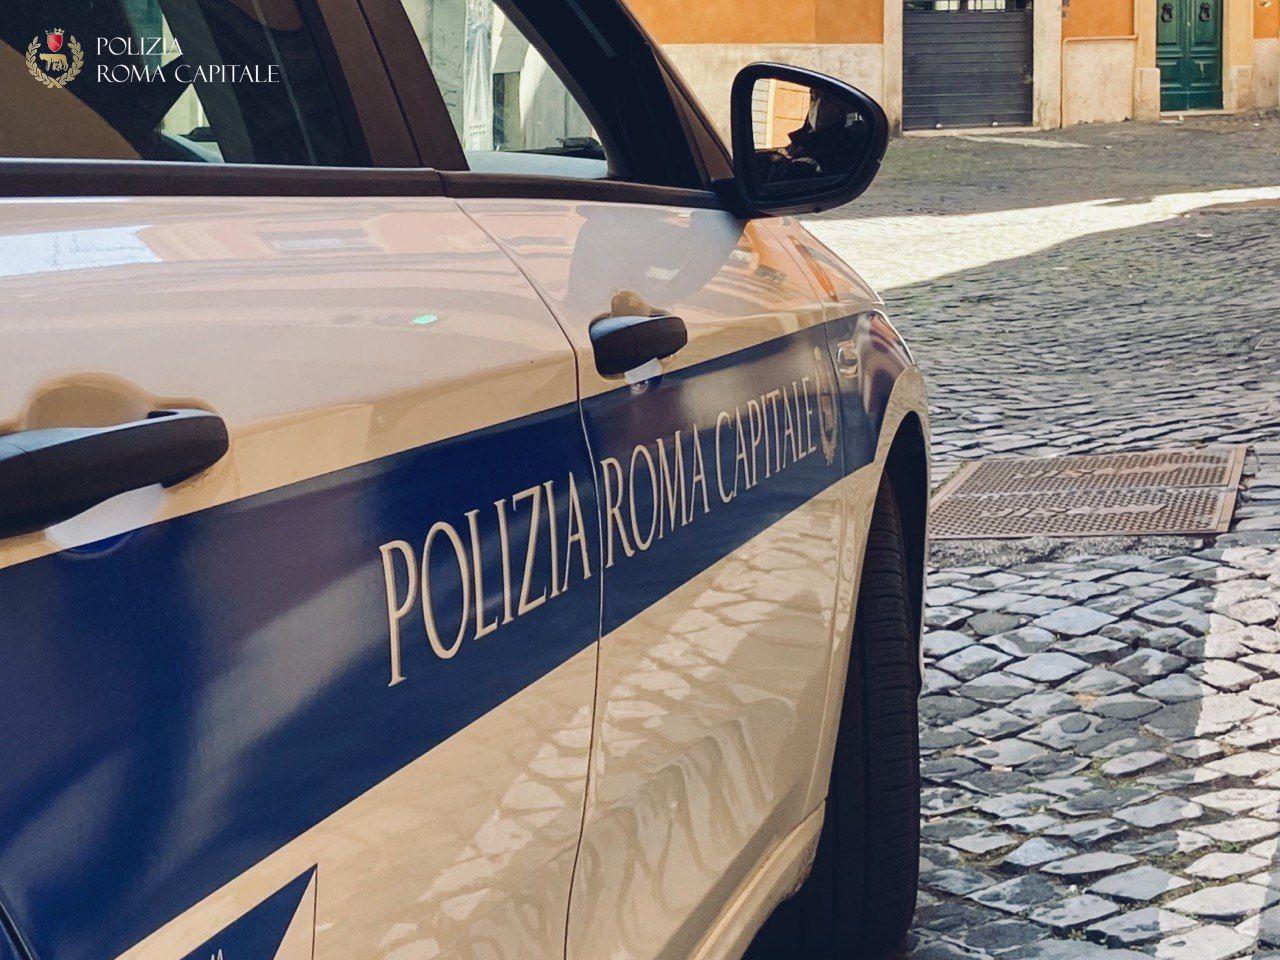 Tragedia a Roma: anziani falciati da un'auto, morto un uomo